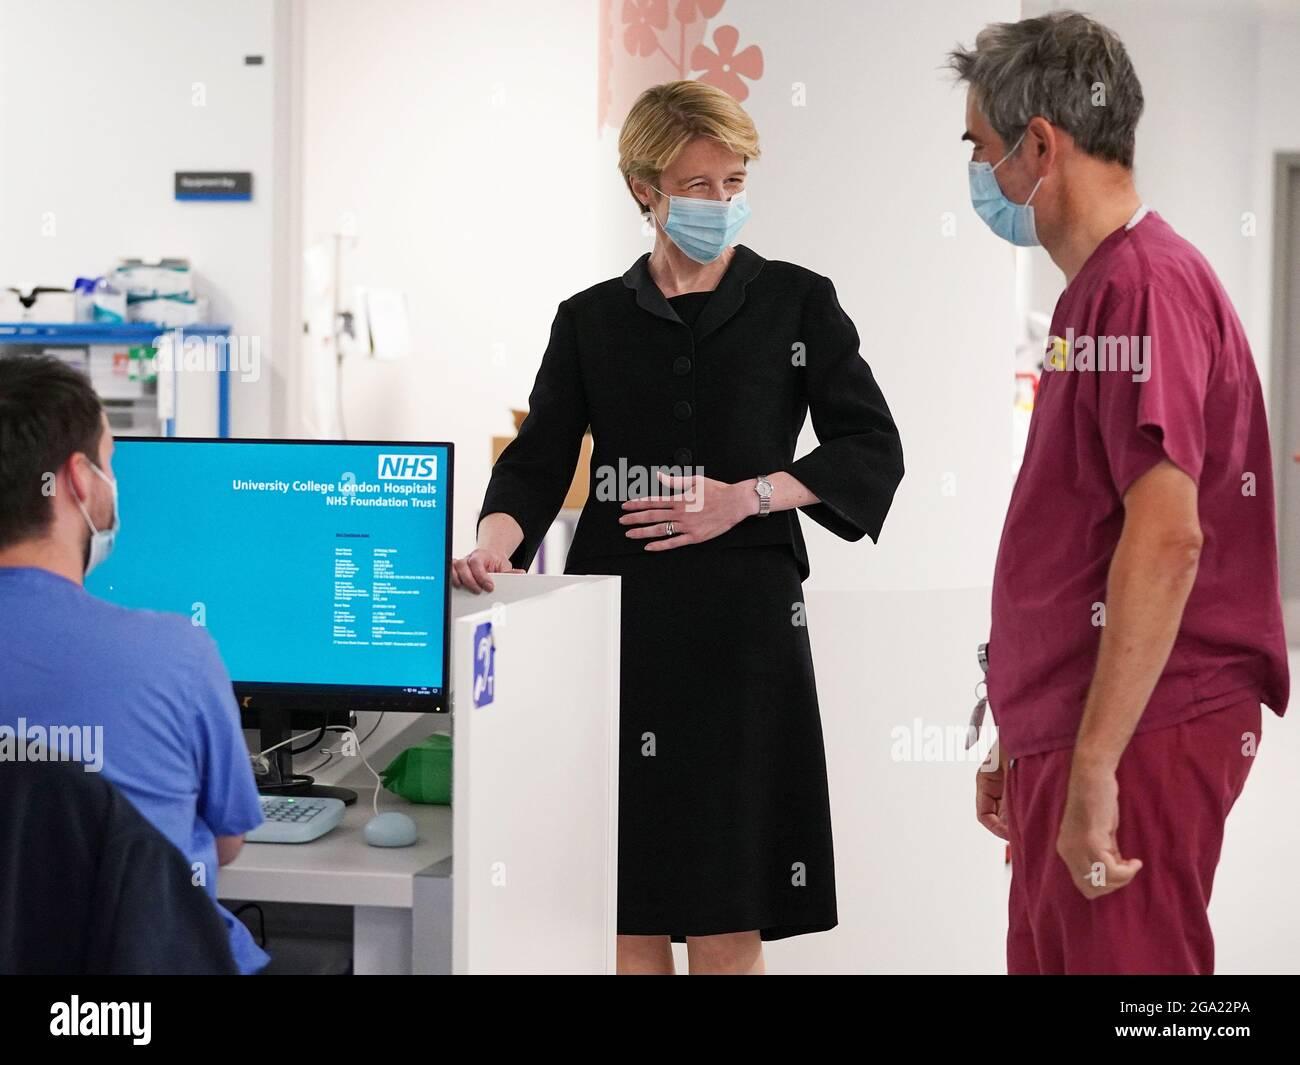 Amanda Pritchard s'adresse à l'anesthésiste Dr Rob Stephens (à droite) lors d'une visite à l'University College Hospital de Londres, suite à l'annonce de sa nomination au poste de directeur général du NHS en Angleterre. Date de la photo: Mercredi 28 juillet 2021. Banque D'Images